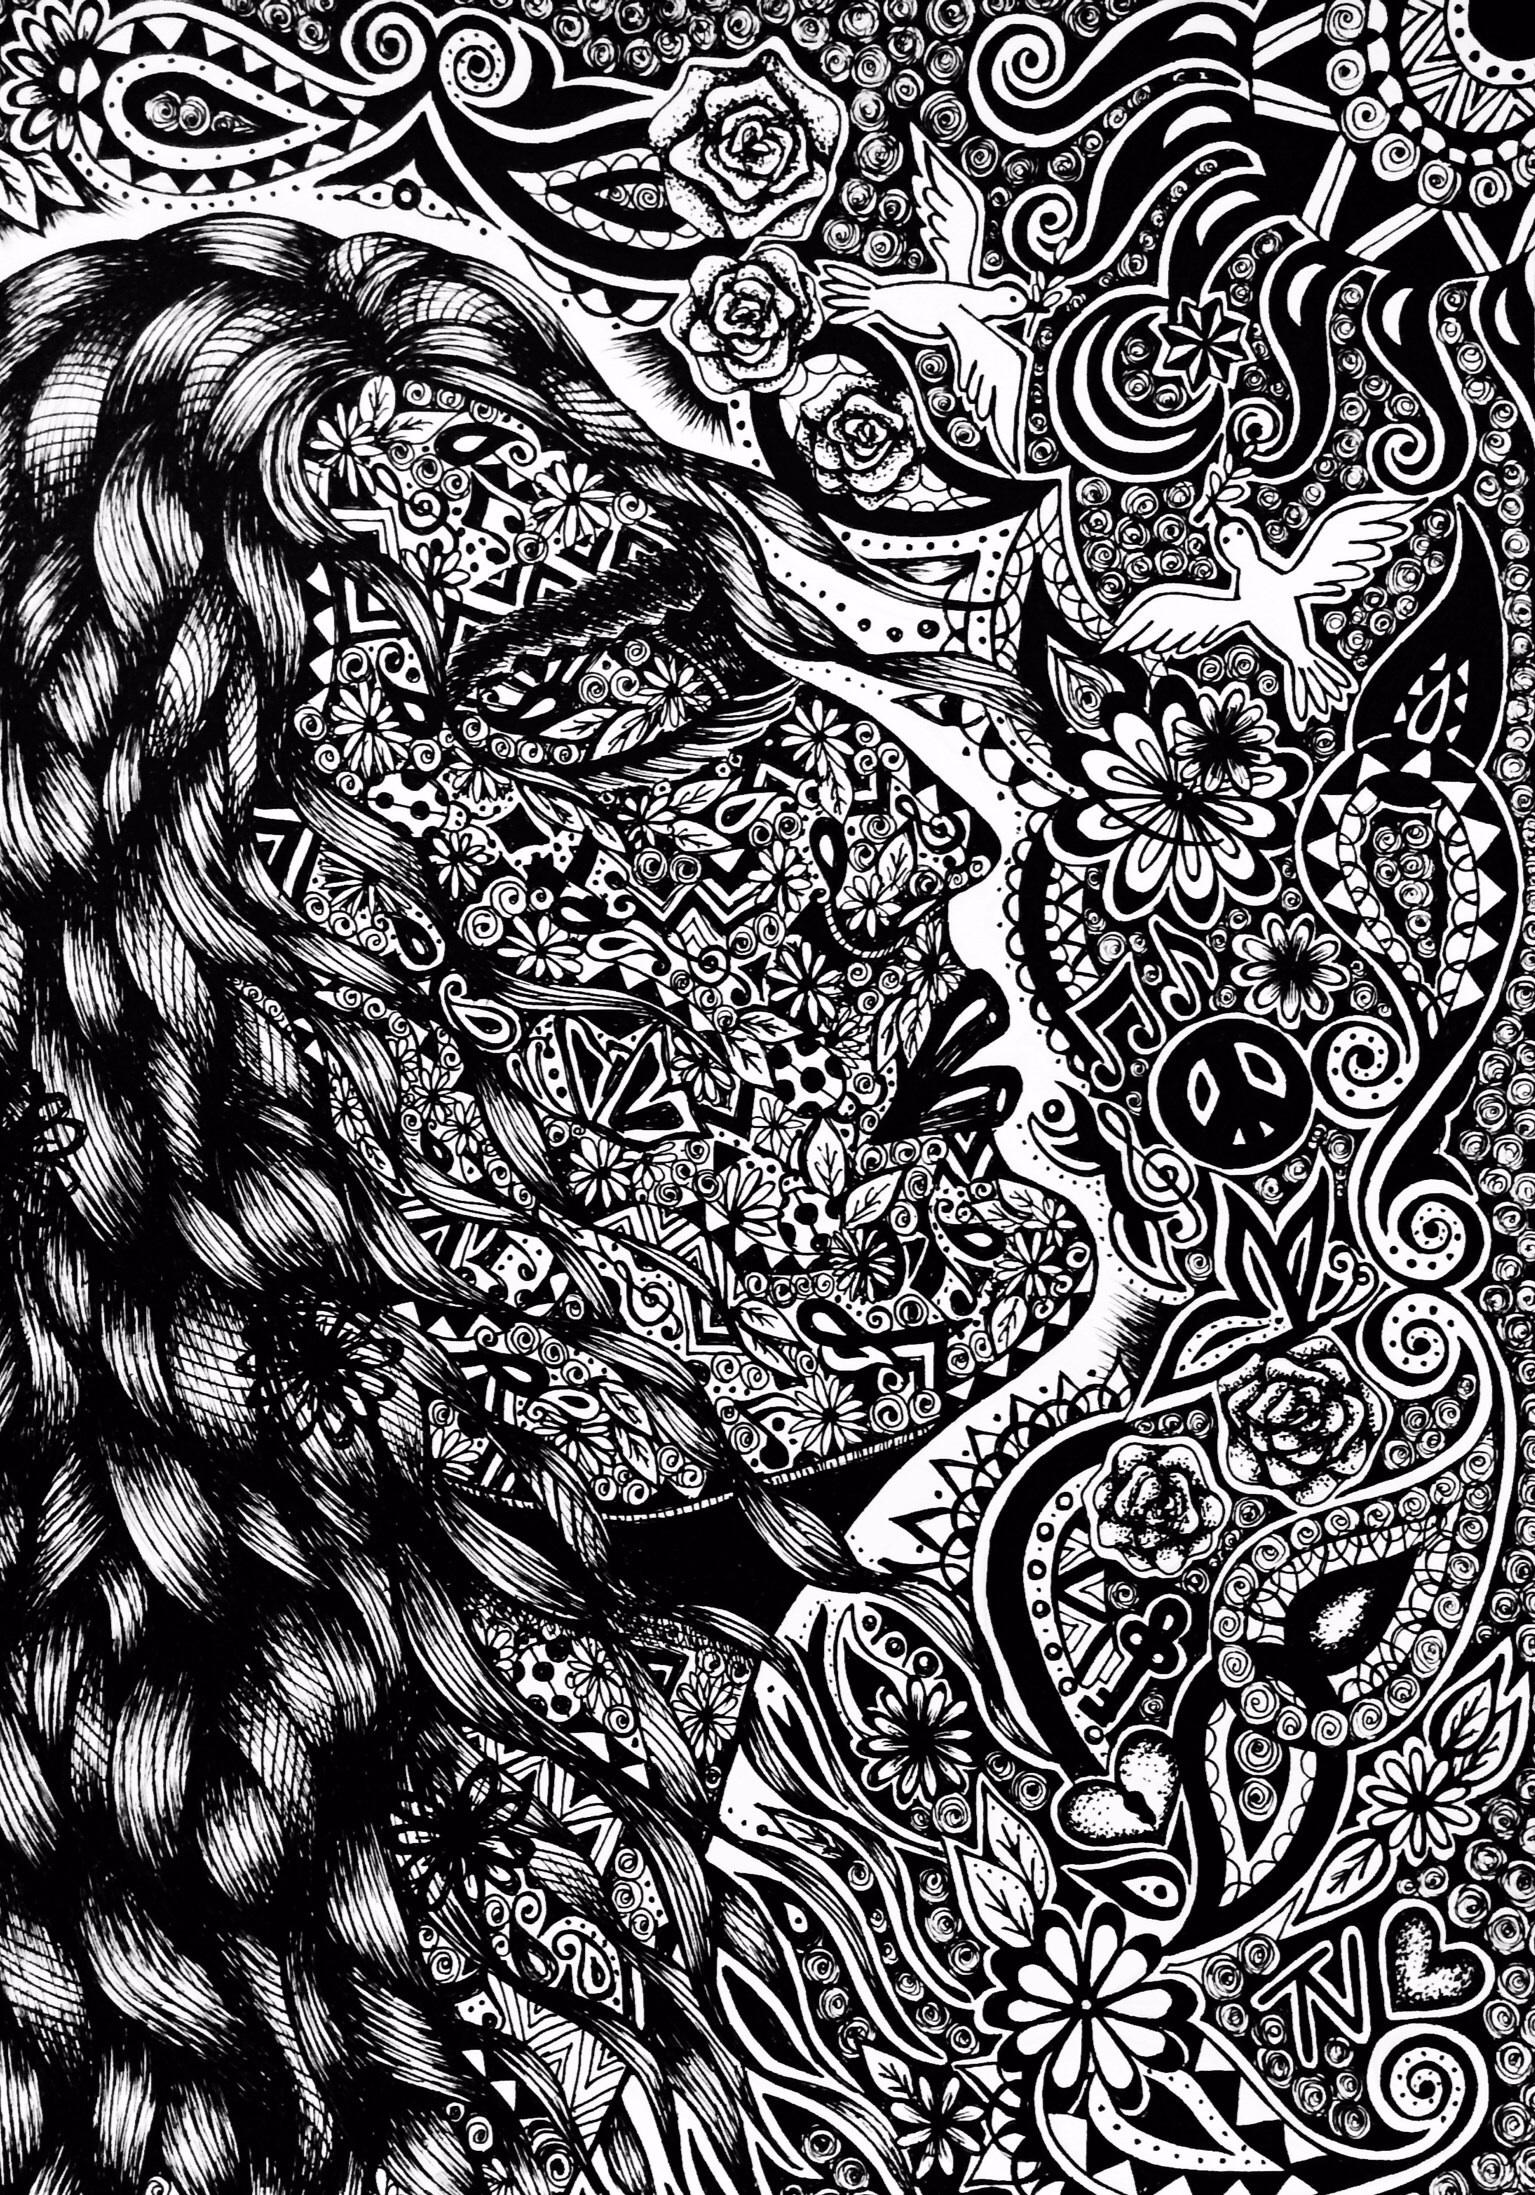 """Les Dessins Magnétiques de Nigar Tahmazova – """"Mon art, c'est ma vie"""""""